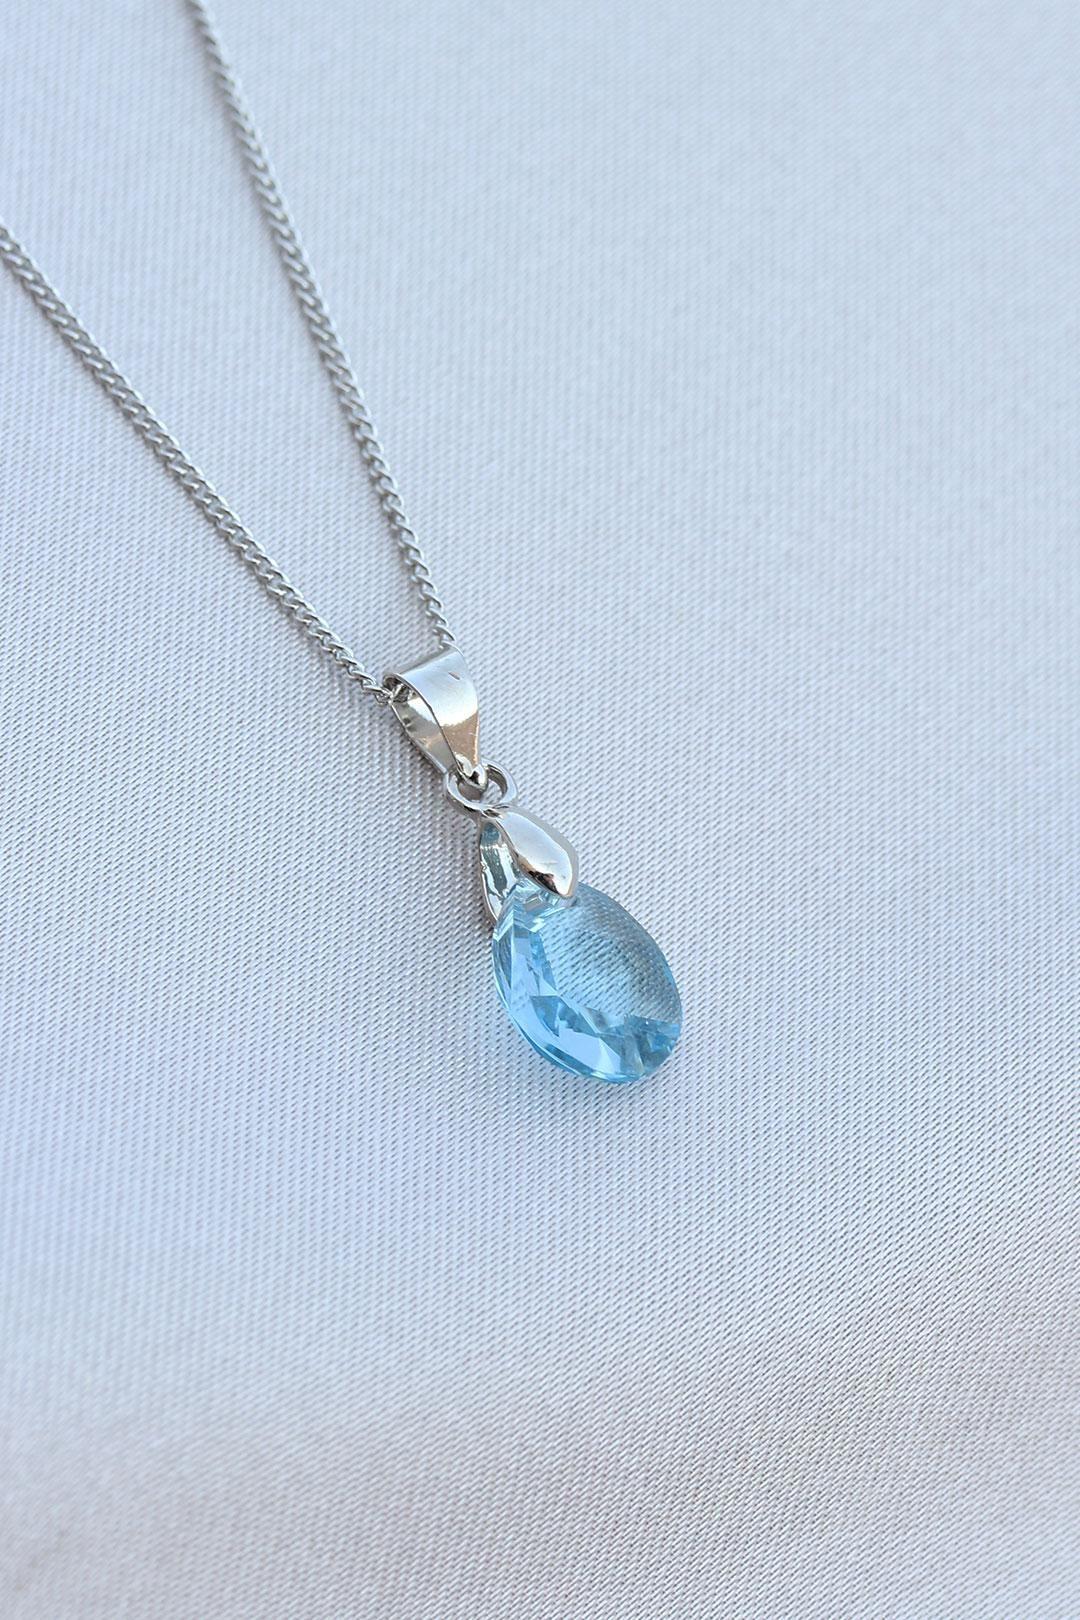 Mavi Taş Tasarımlı Gümüş Renk Kolye